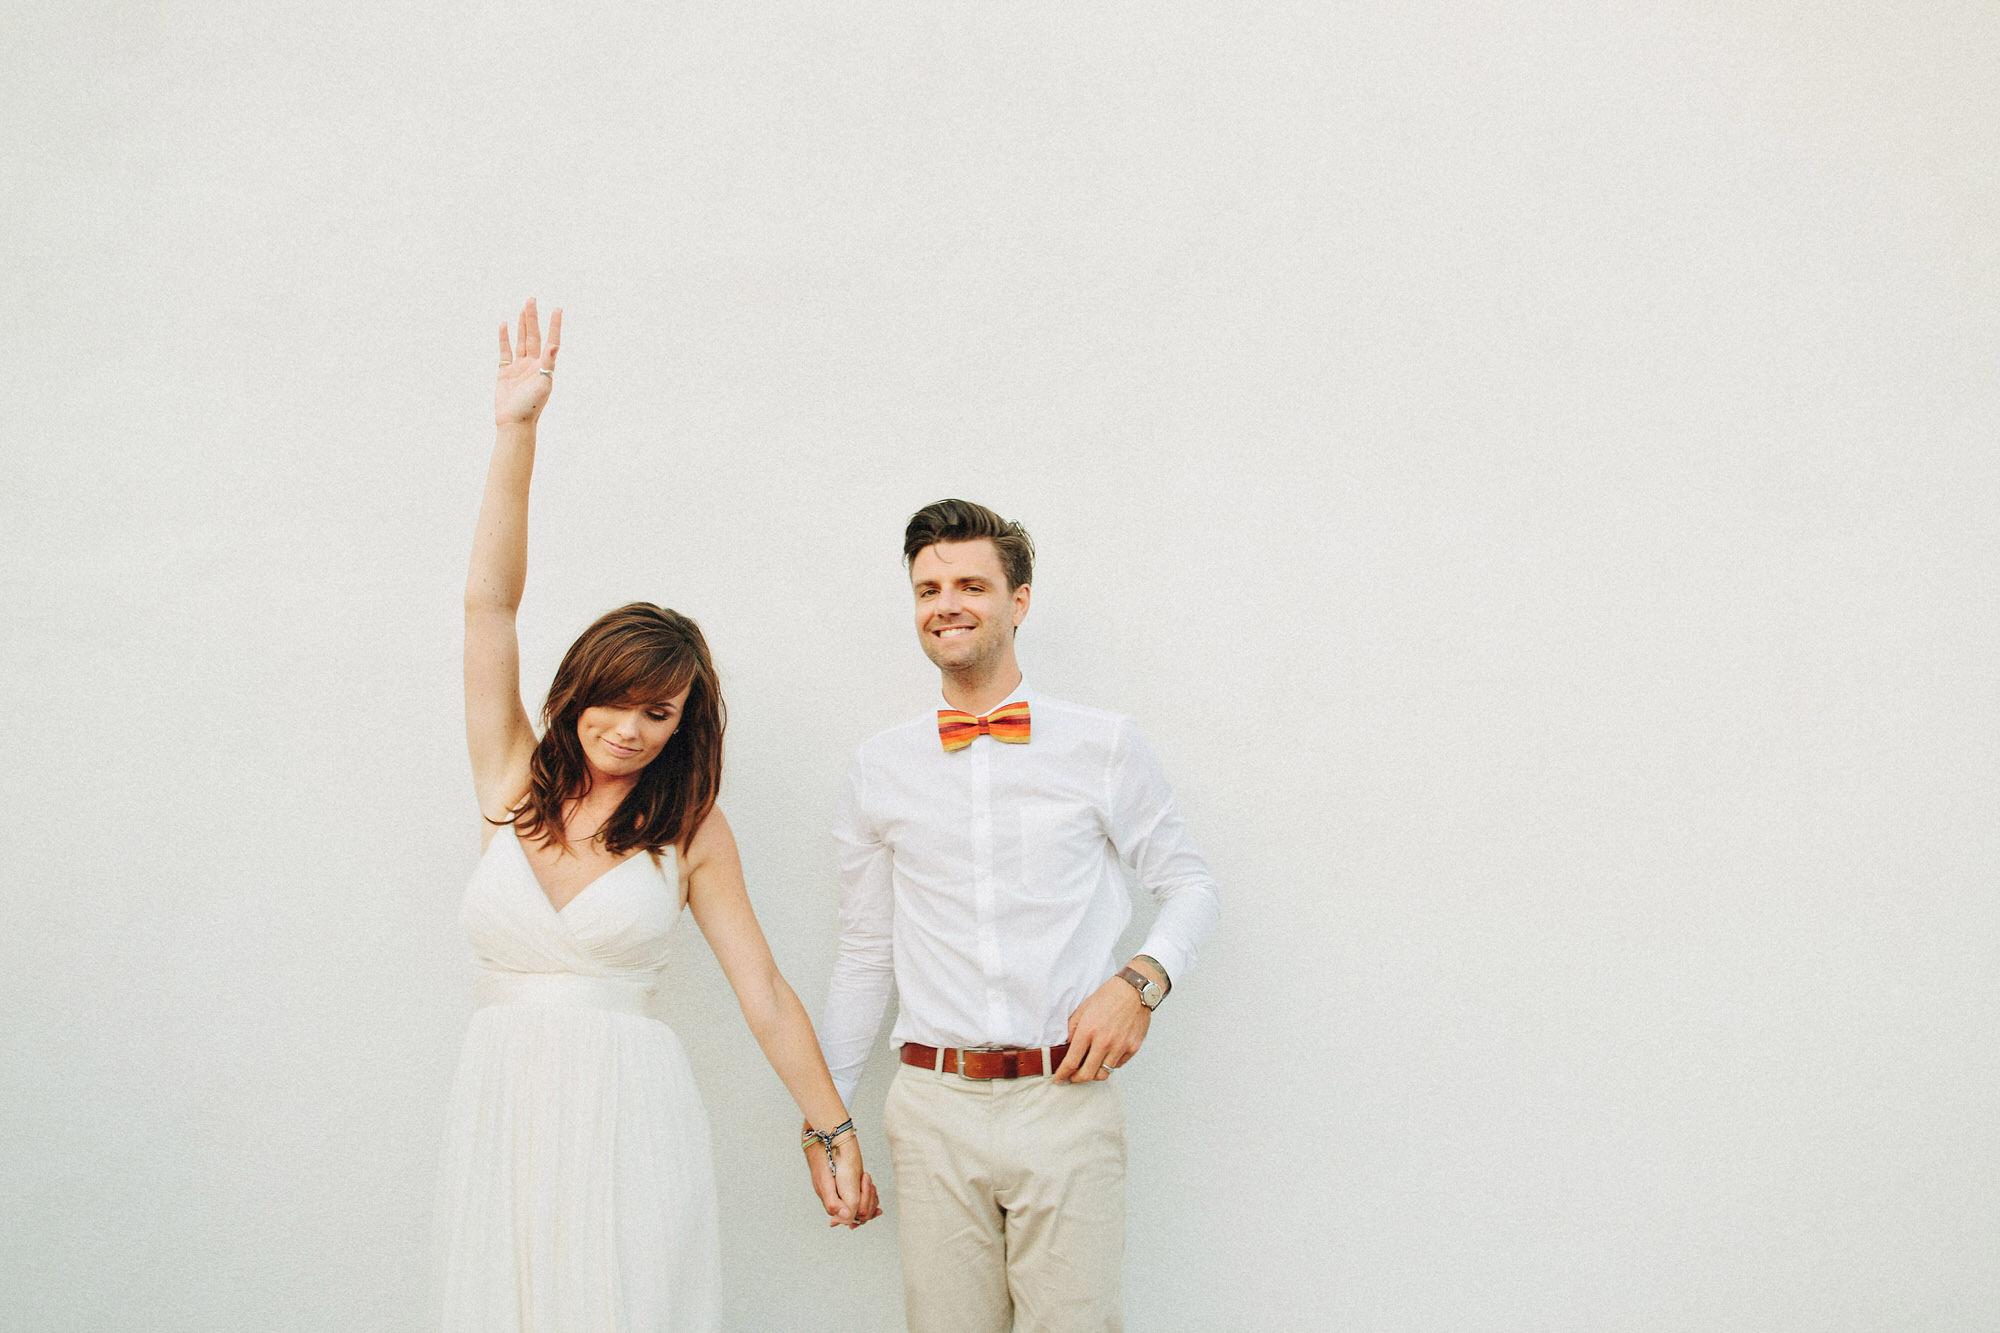 GWS-south-wedding-blog-068.jpg